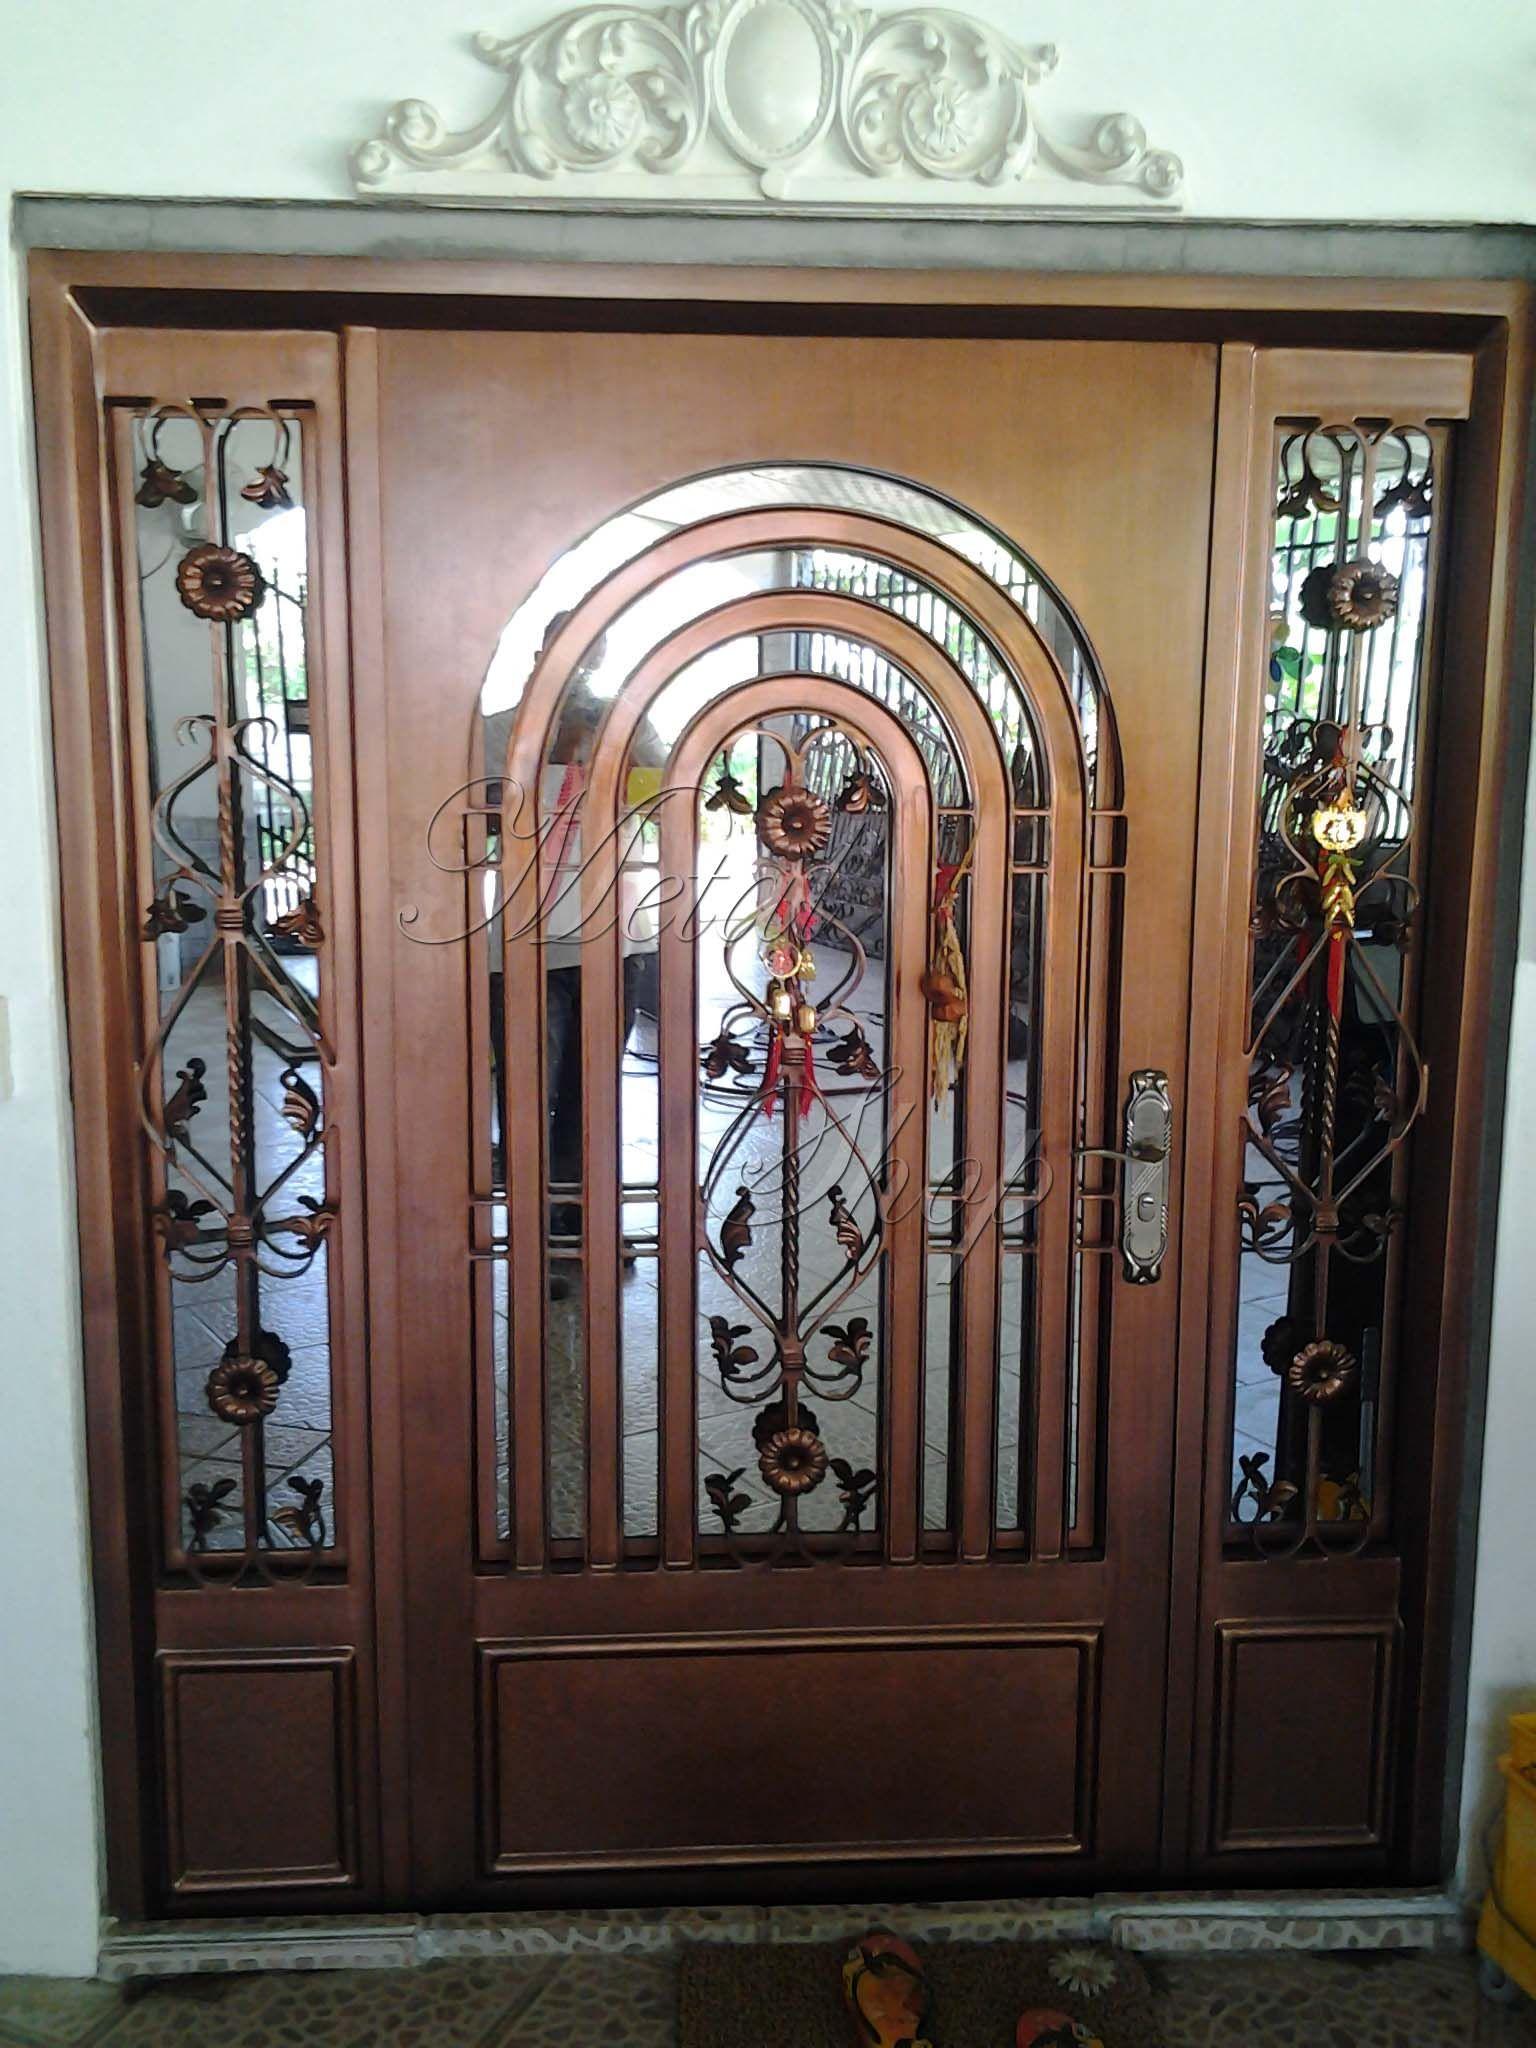 Puertas de hierro decorativas en panam ideas para decorar su hogar o negocio en panam - Puertas de hierro ...